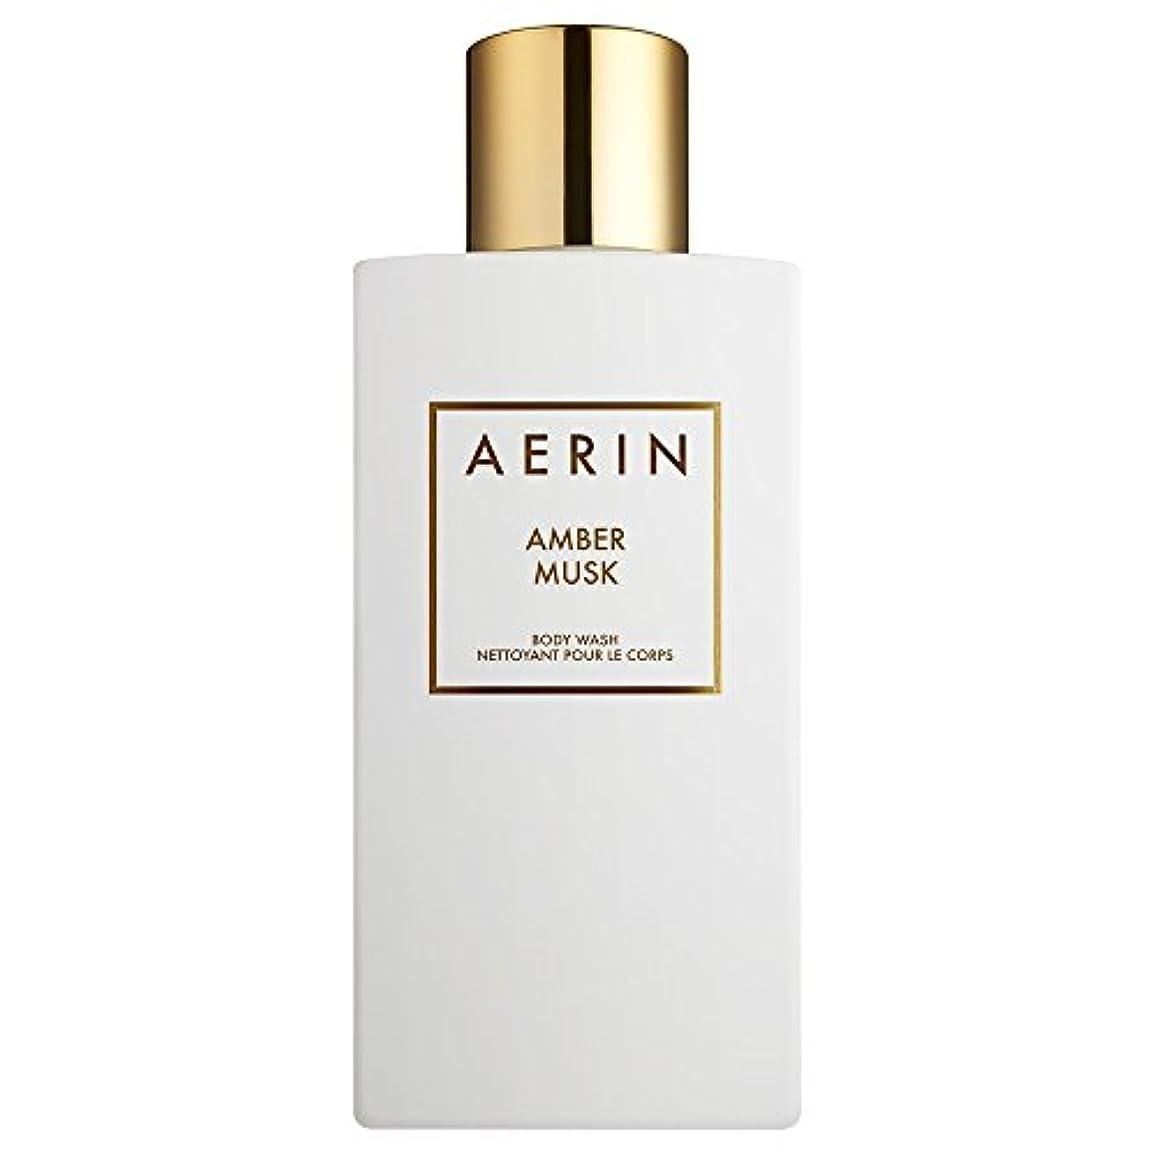 インタビュー音声学コスチュームAerinアンバームスクボディウォッシュ225ミリリットル (AERIN) (x6) - AERIN Amber Musk Bodywash 225ml (Pack of 6) [並行輸入品]